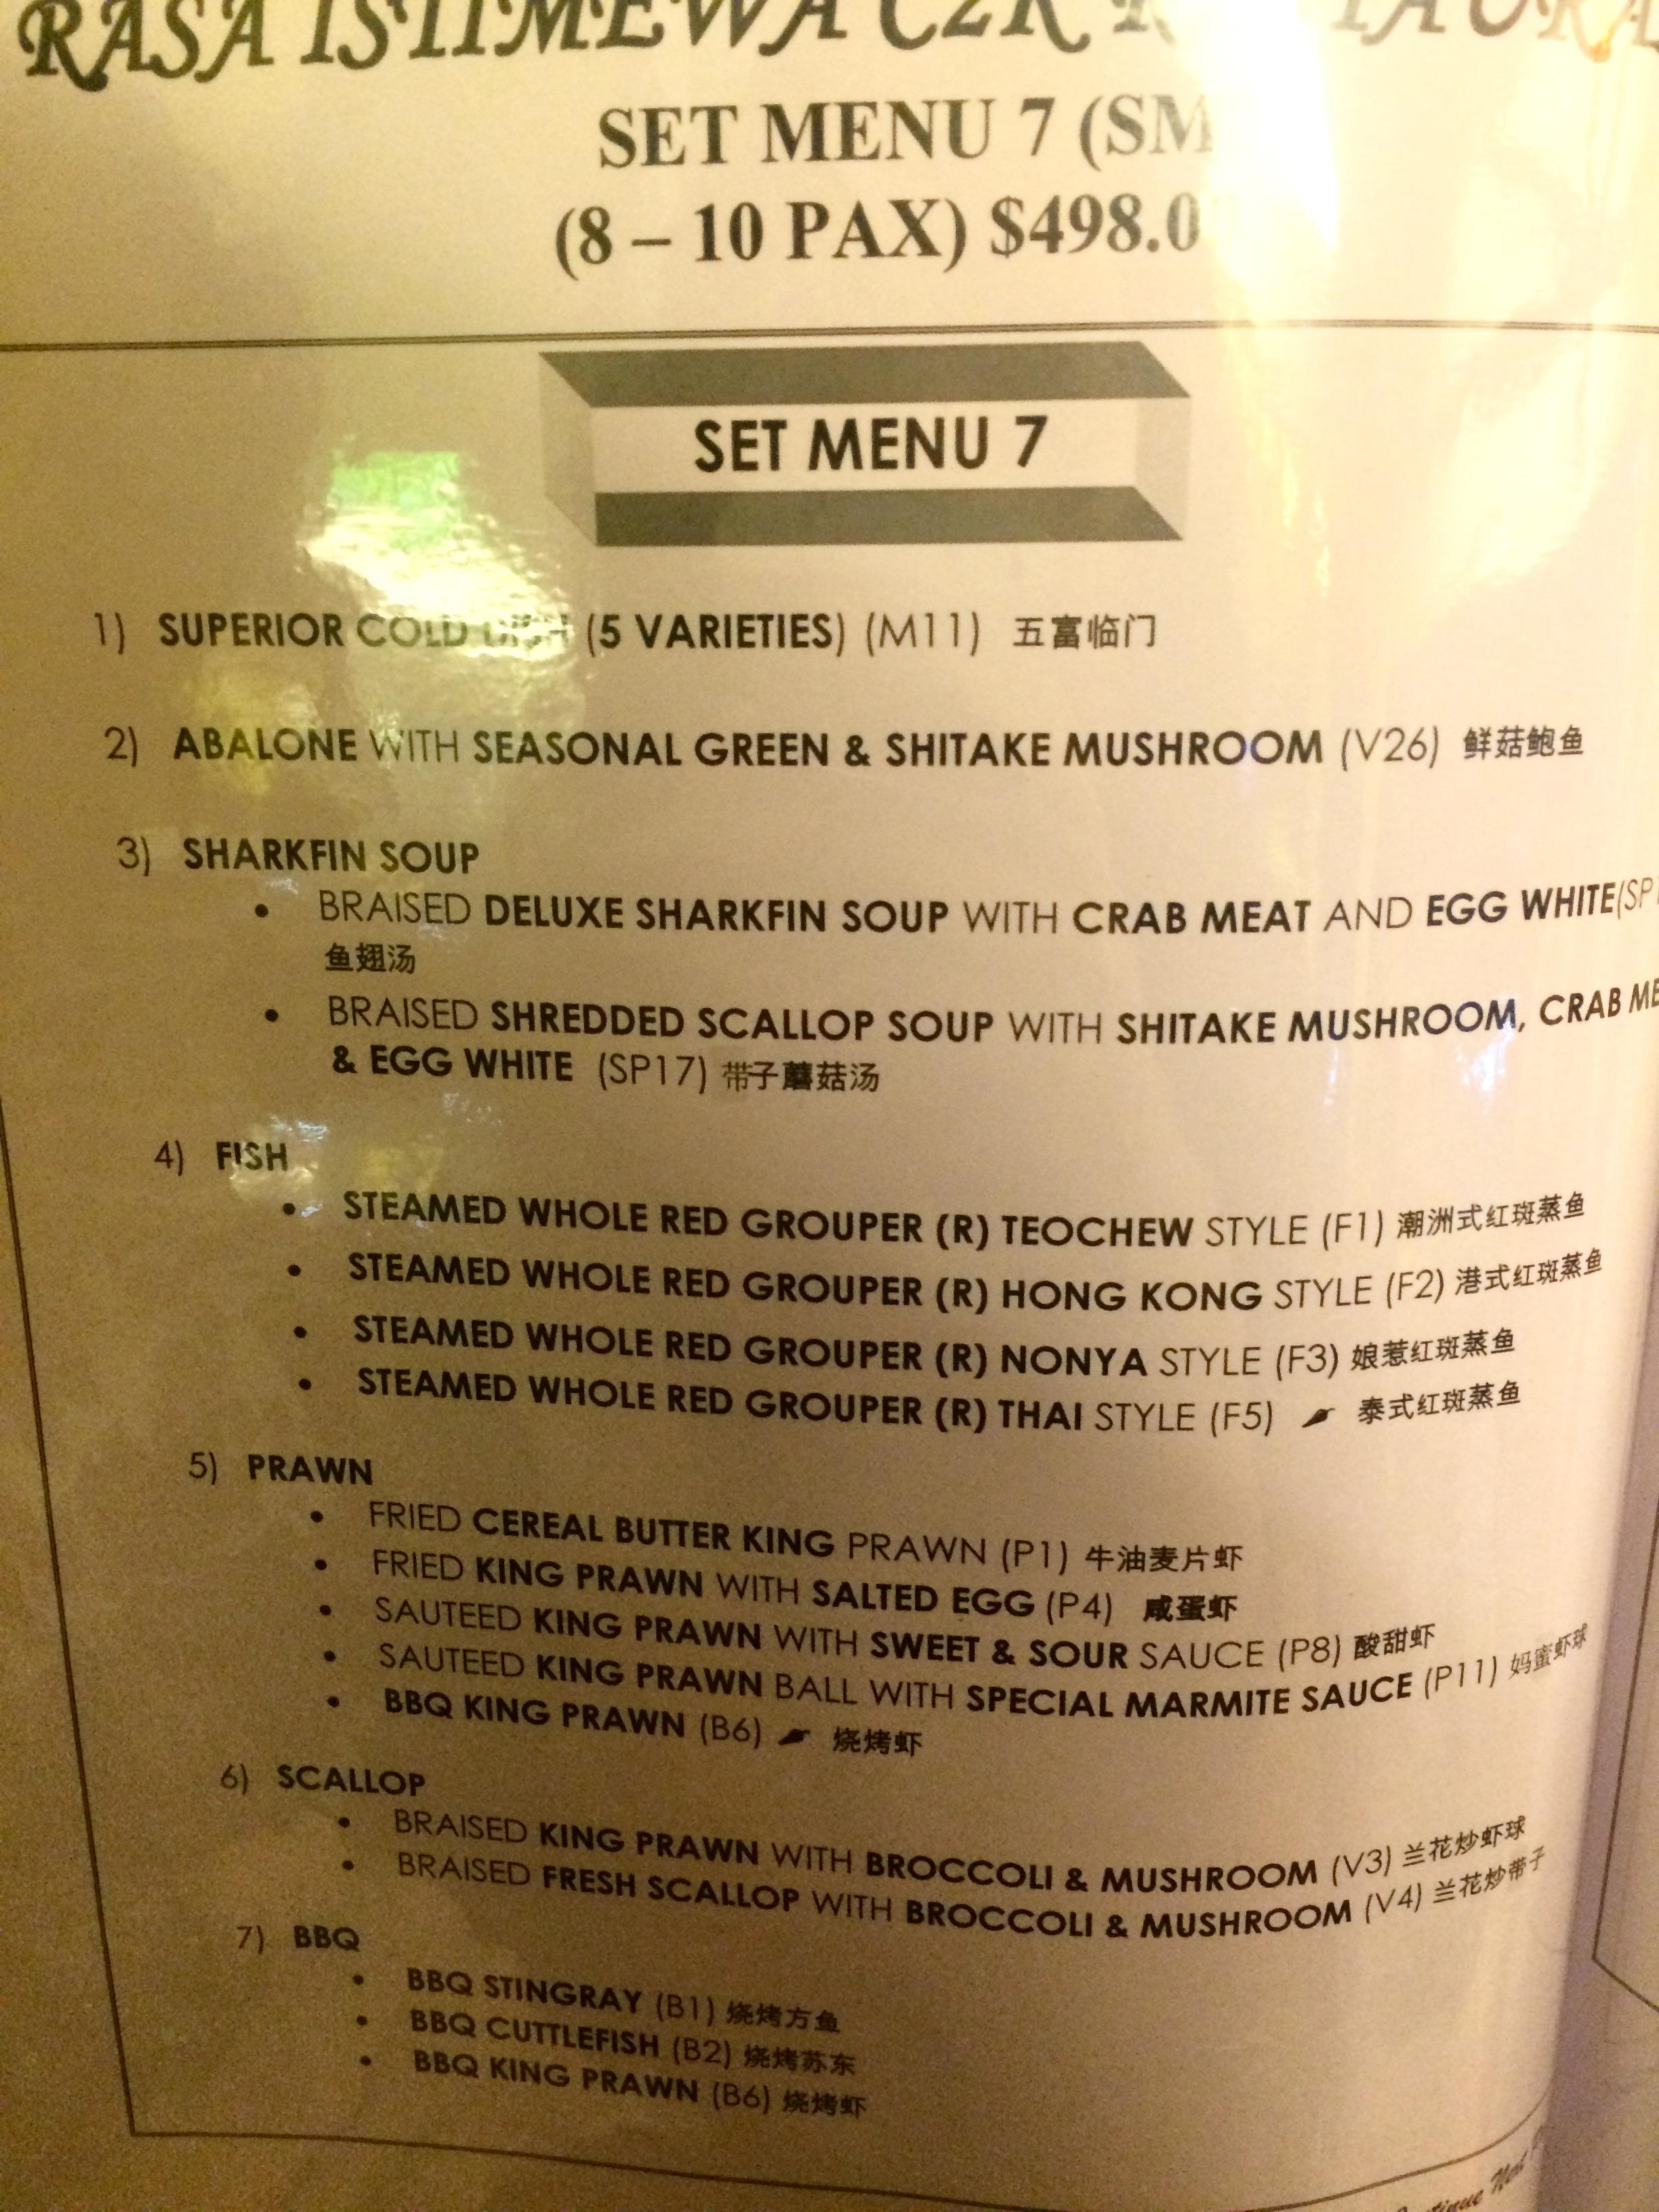 Rasa Istimewa C2K at Choa Chu Kang Park | Halal Eats in Singapore